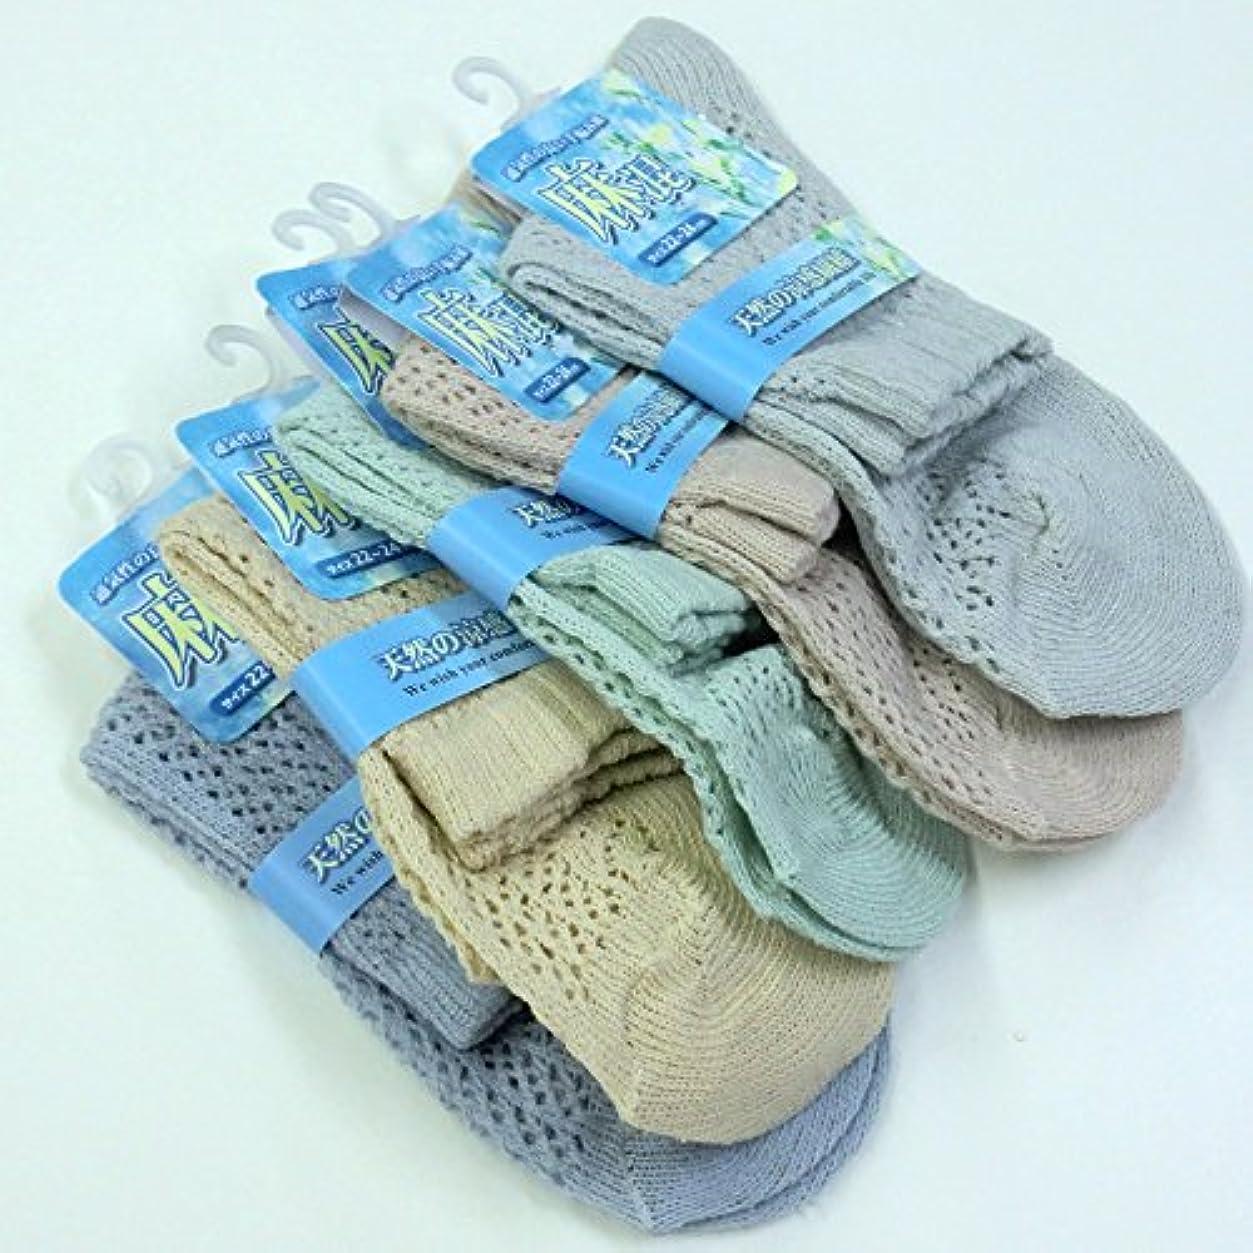 支援する家庭教師大惨事靴下 レディース 麻混 涼しいルミーソックス おしゃれ手編み風 5色5足組